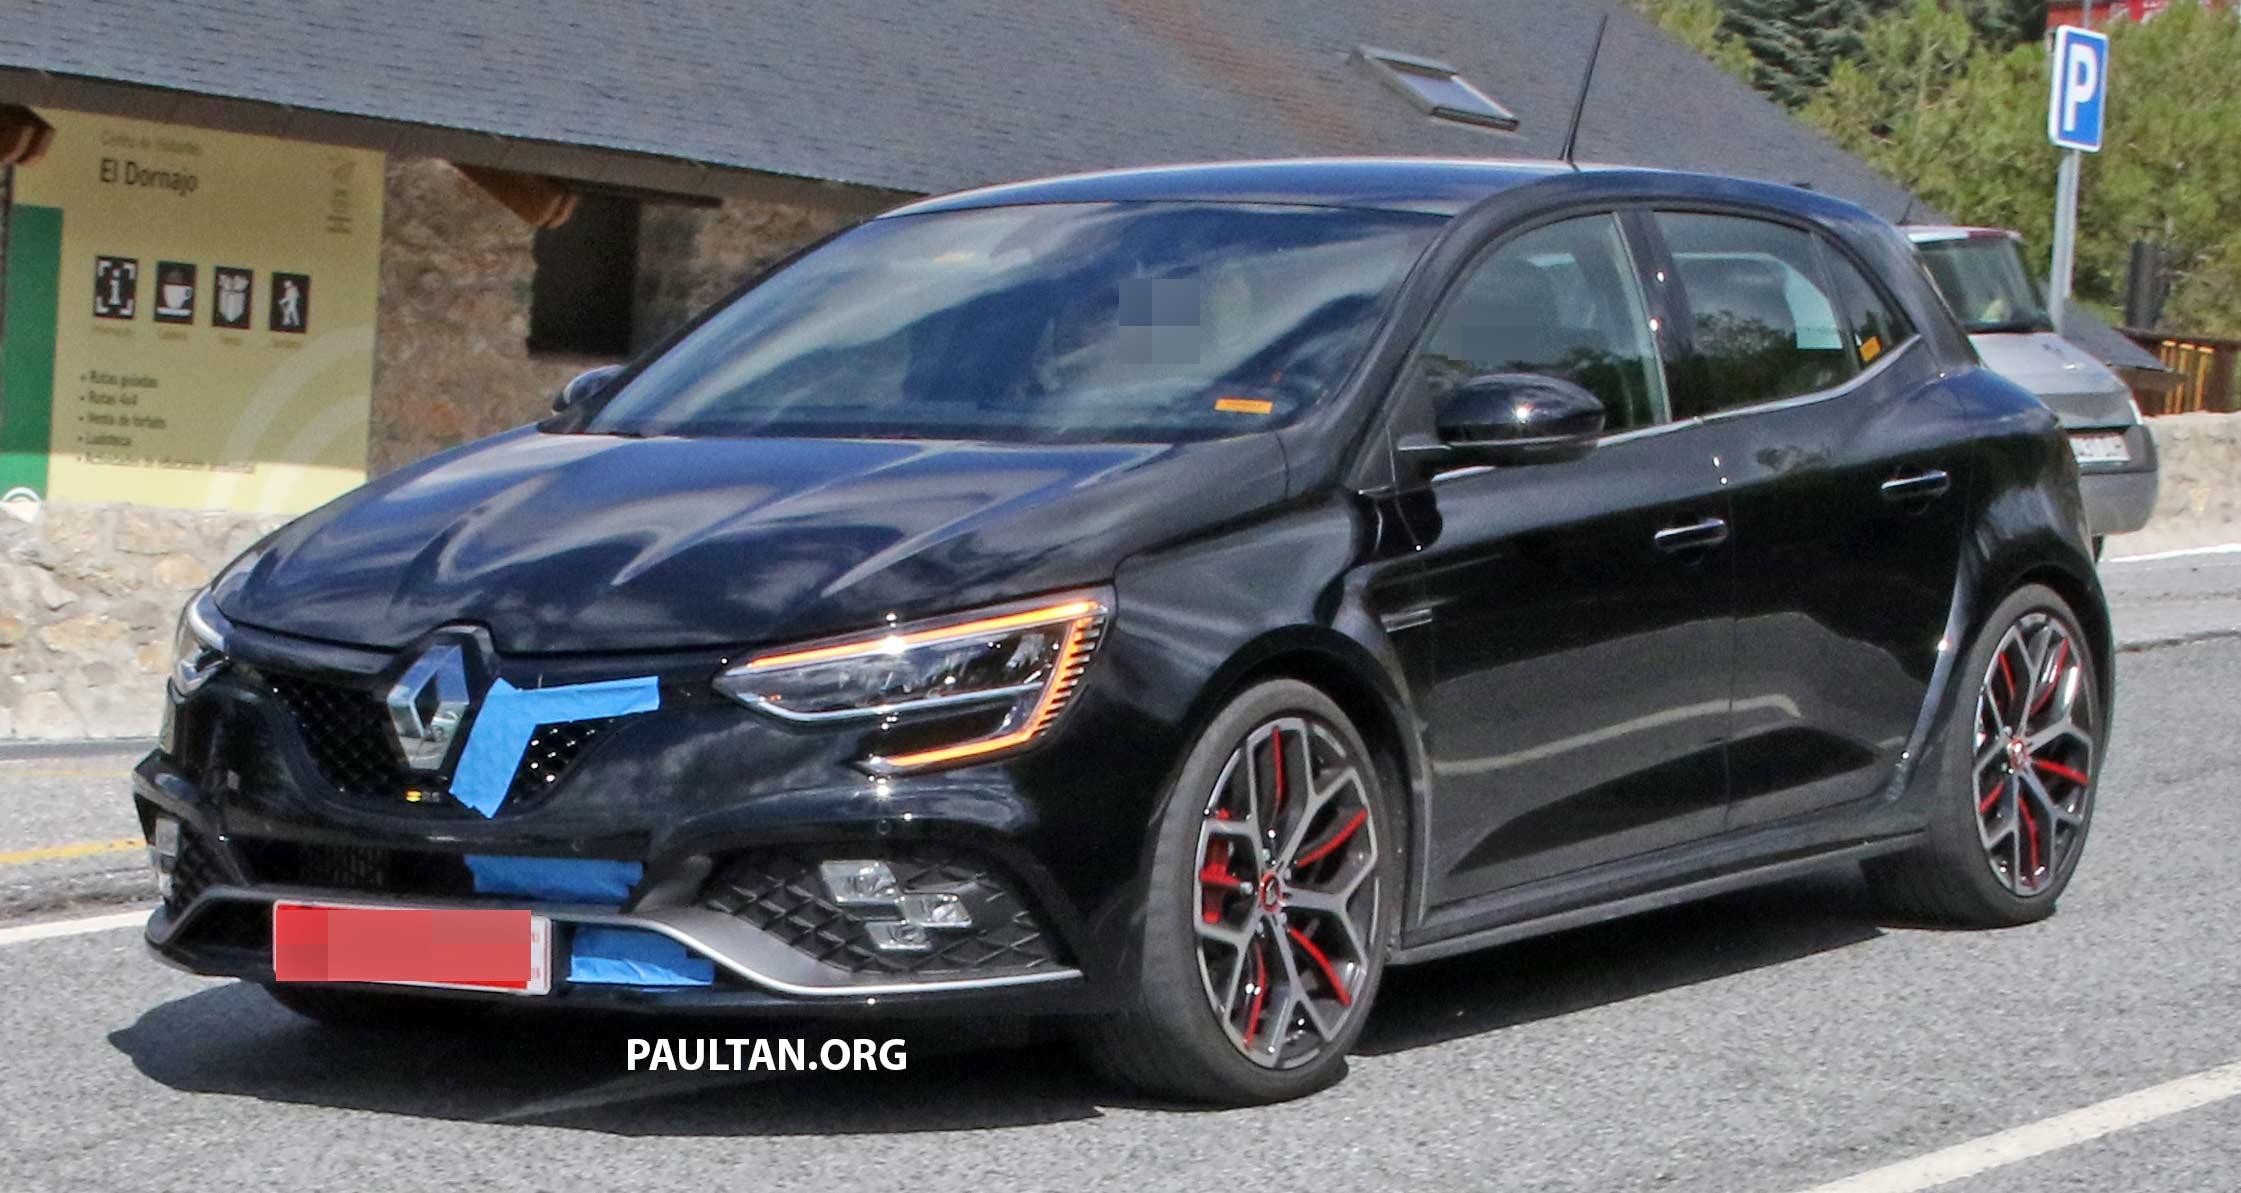 Spyshots Renault Megane Rs Trophy Facelift Seen Paultan Org